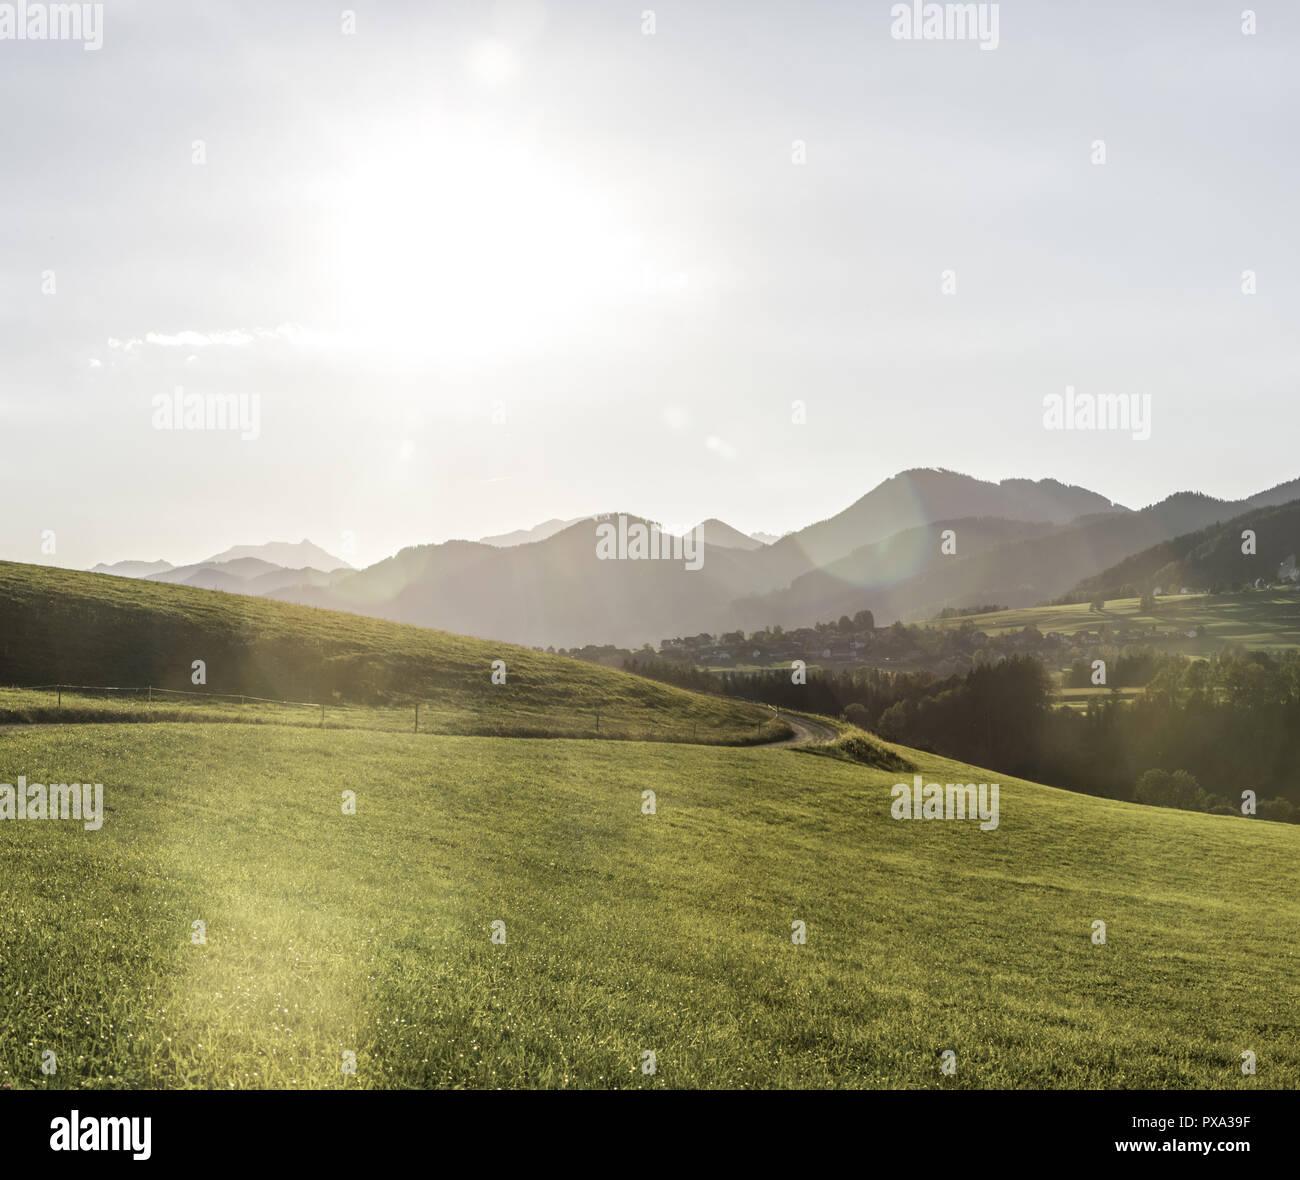 Aflenz | Graz-Seckau, rk. Dizese (Steiermark) | sterreich